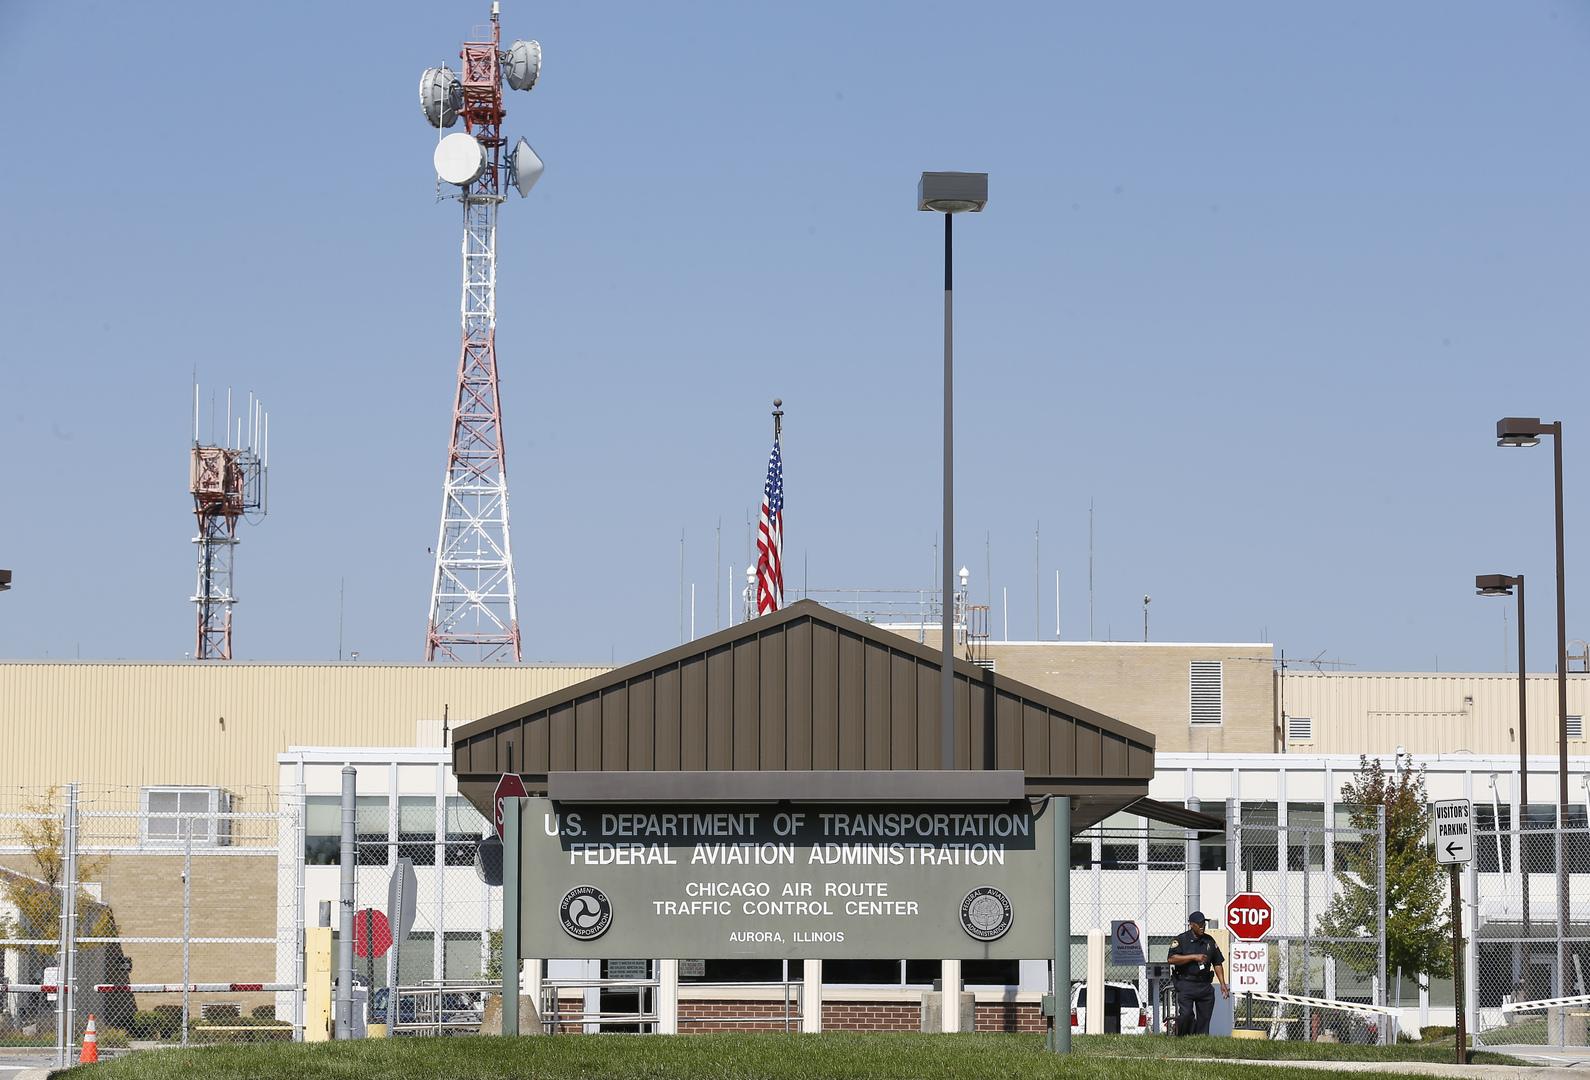 إدارة الطيران الأمريكية تحظر التحليق فوق العراق وإيران